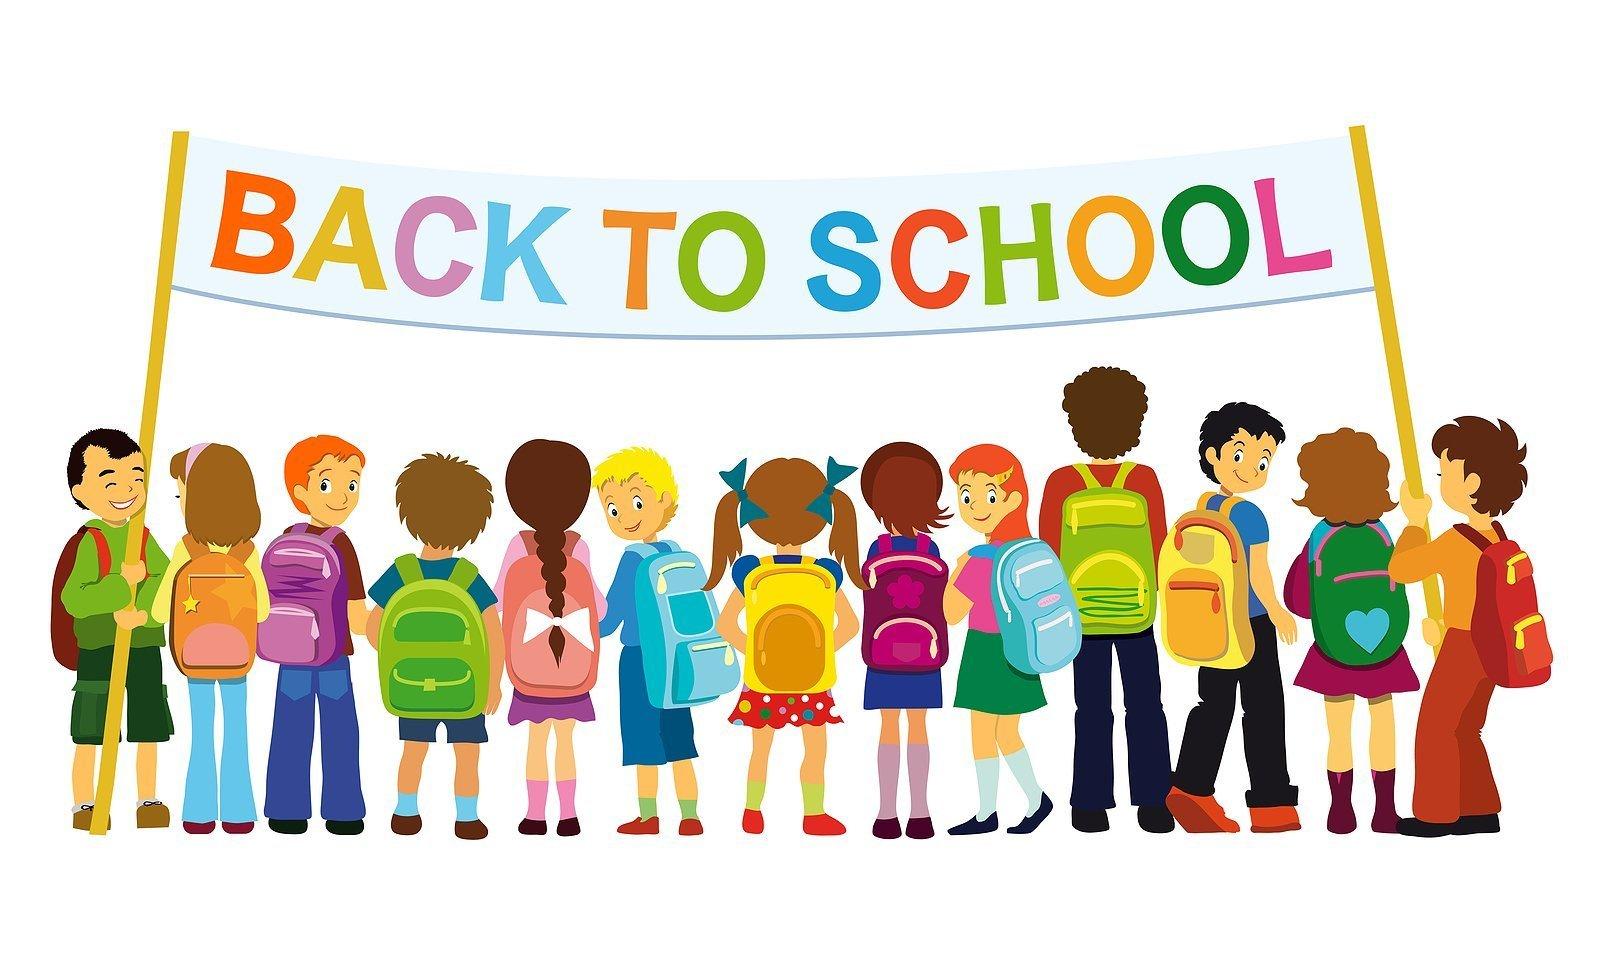 نصائح للاستعداد للعام الدراسي الجديد 2018